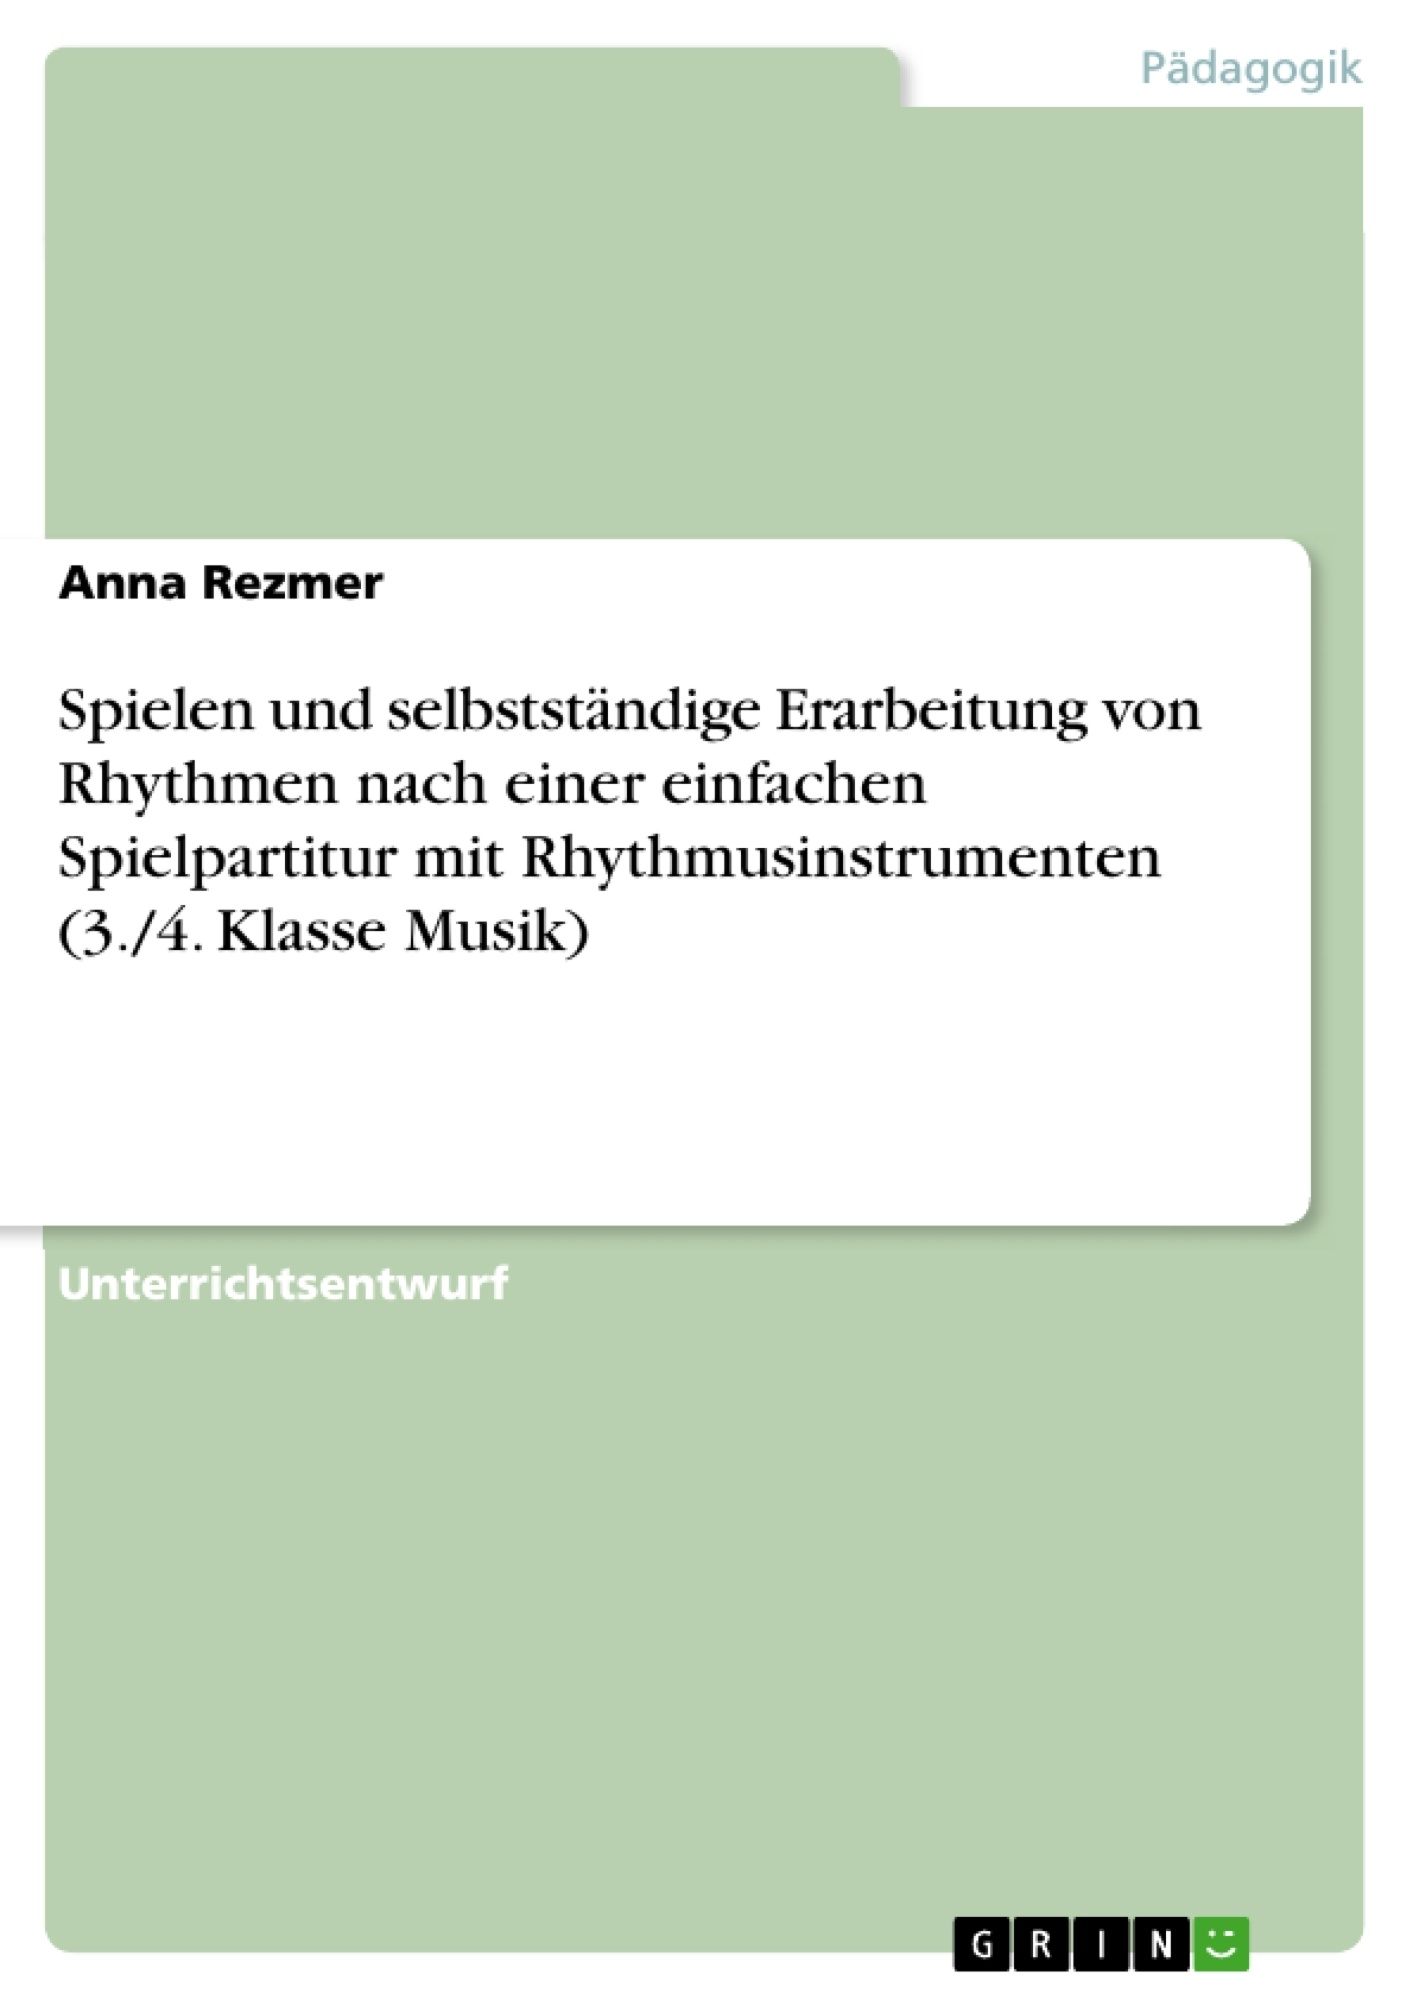 Titel: Spielen und selbstständige Erarbeitung von Rhythmen nach einer einfachen Spielpartitur mit Rhythmusinstrumenten (3./4. Klasse Musik)